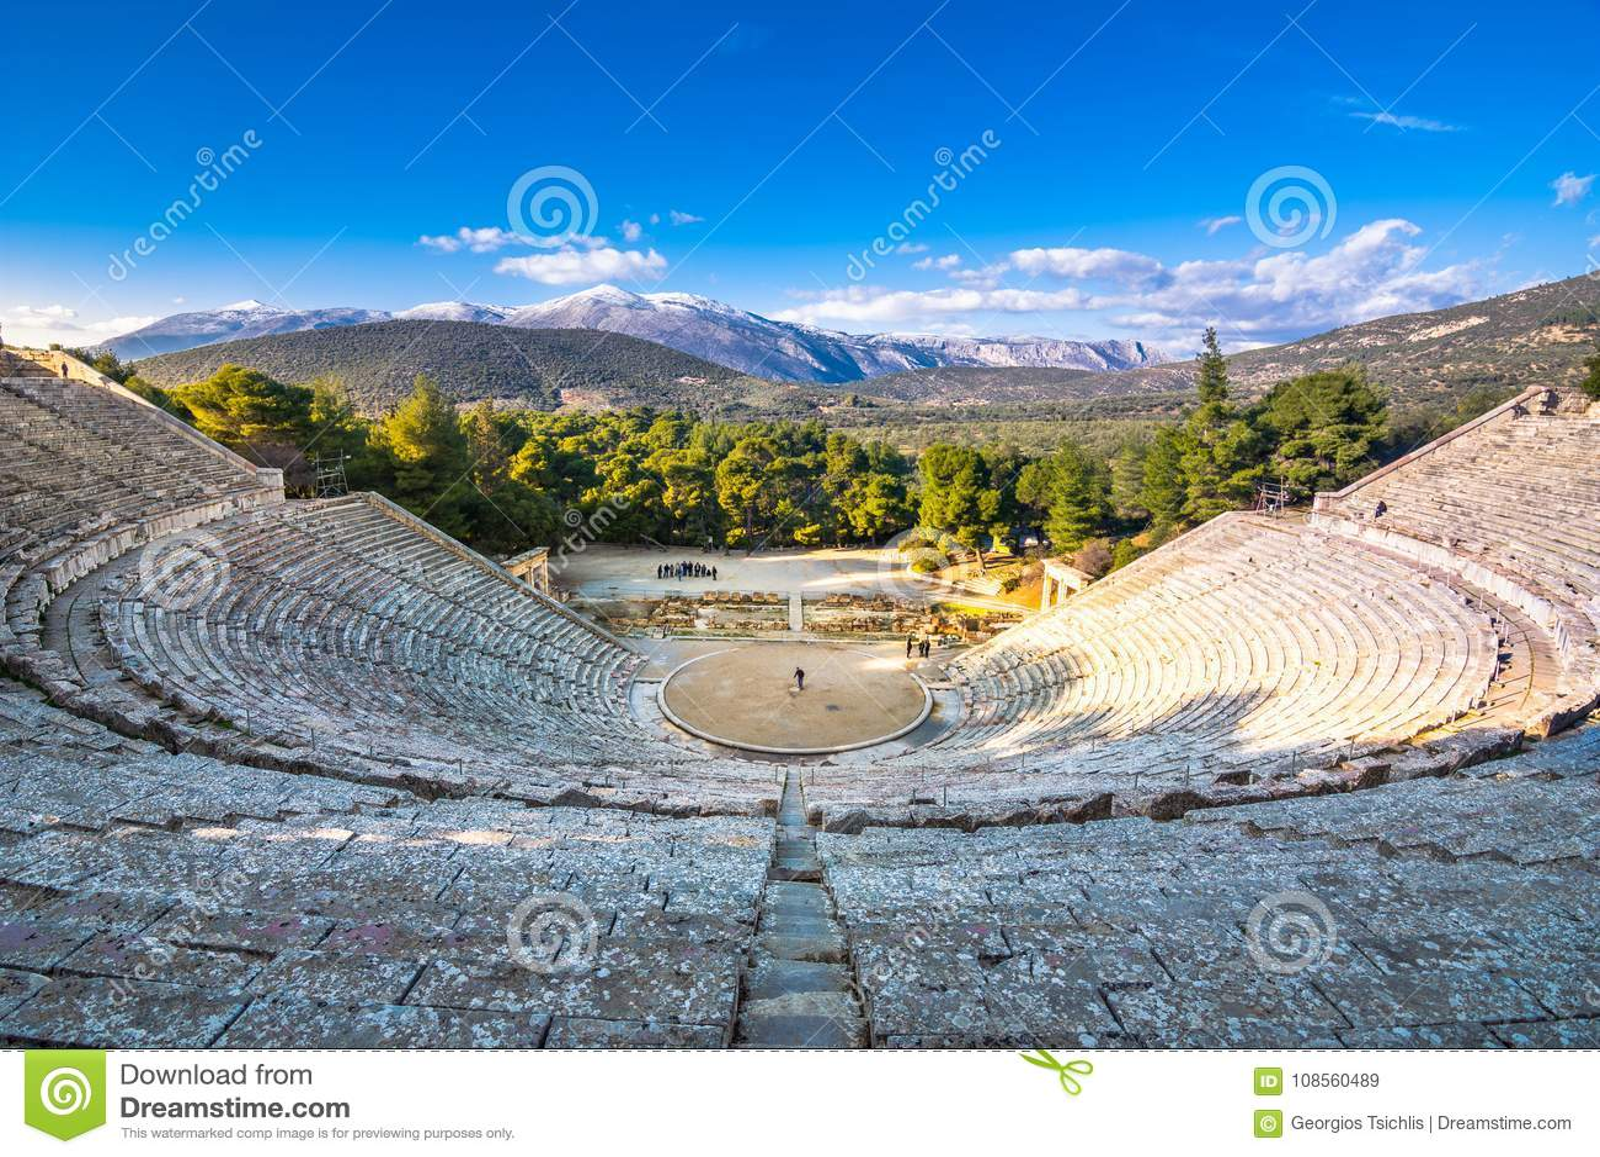 The ancient theater of Epidaurus or `Epidavros`, Argolida prefecture, Peloponnese.